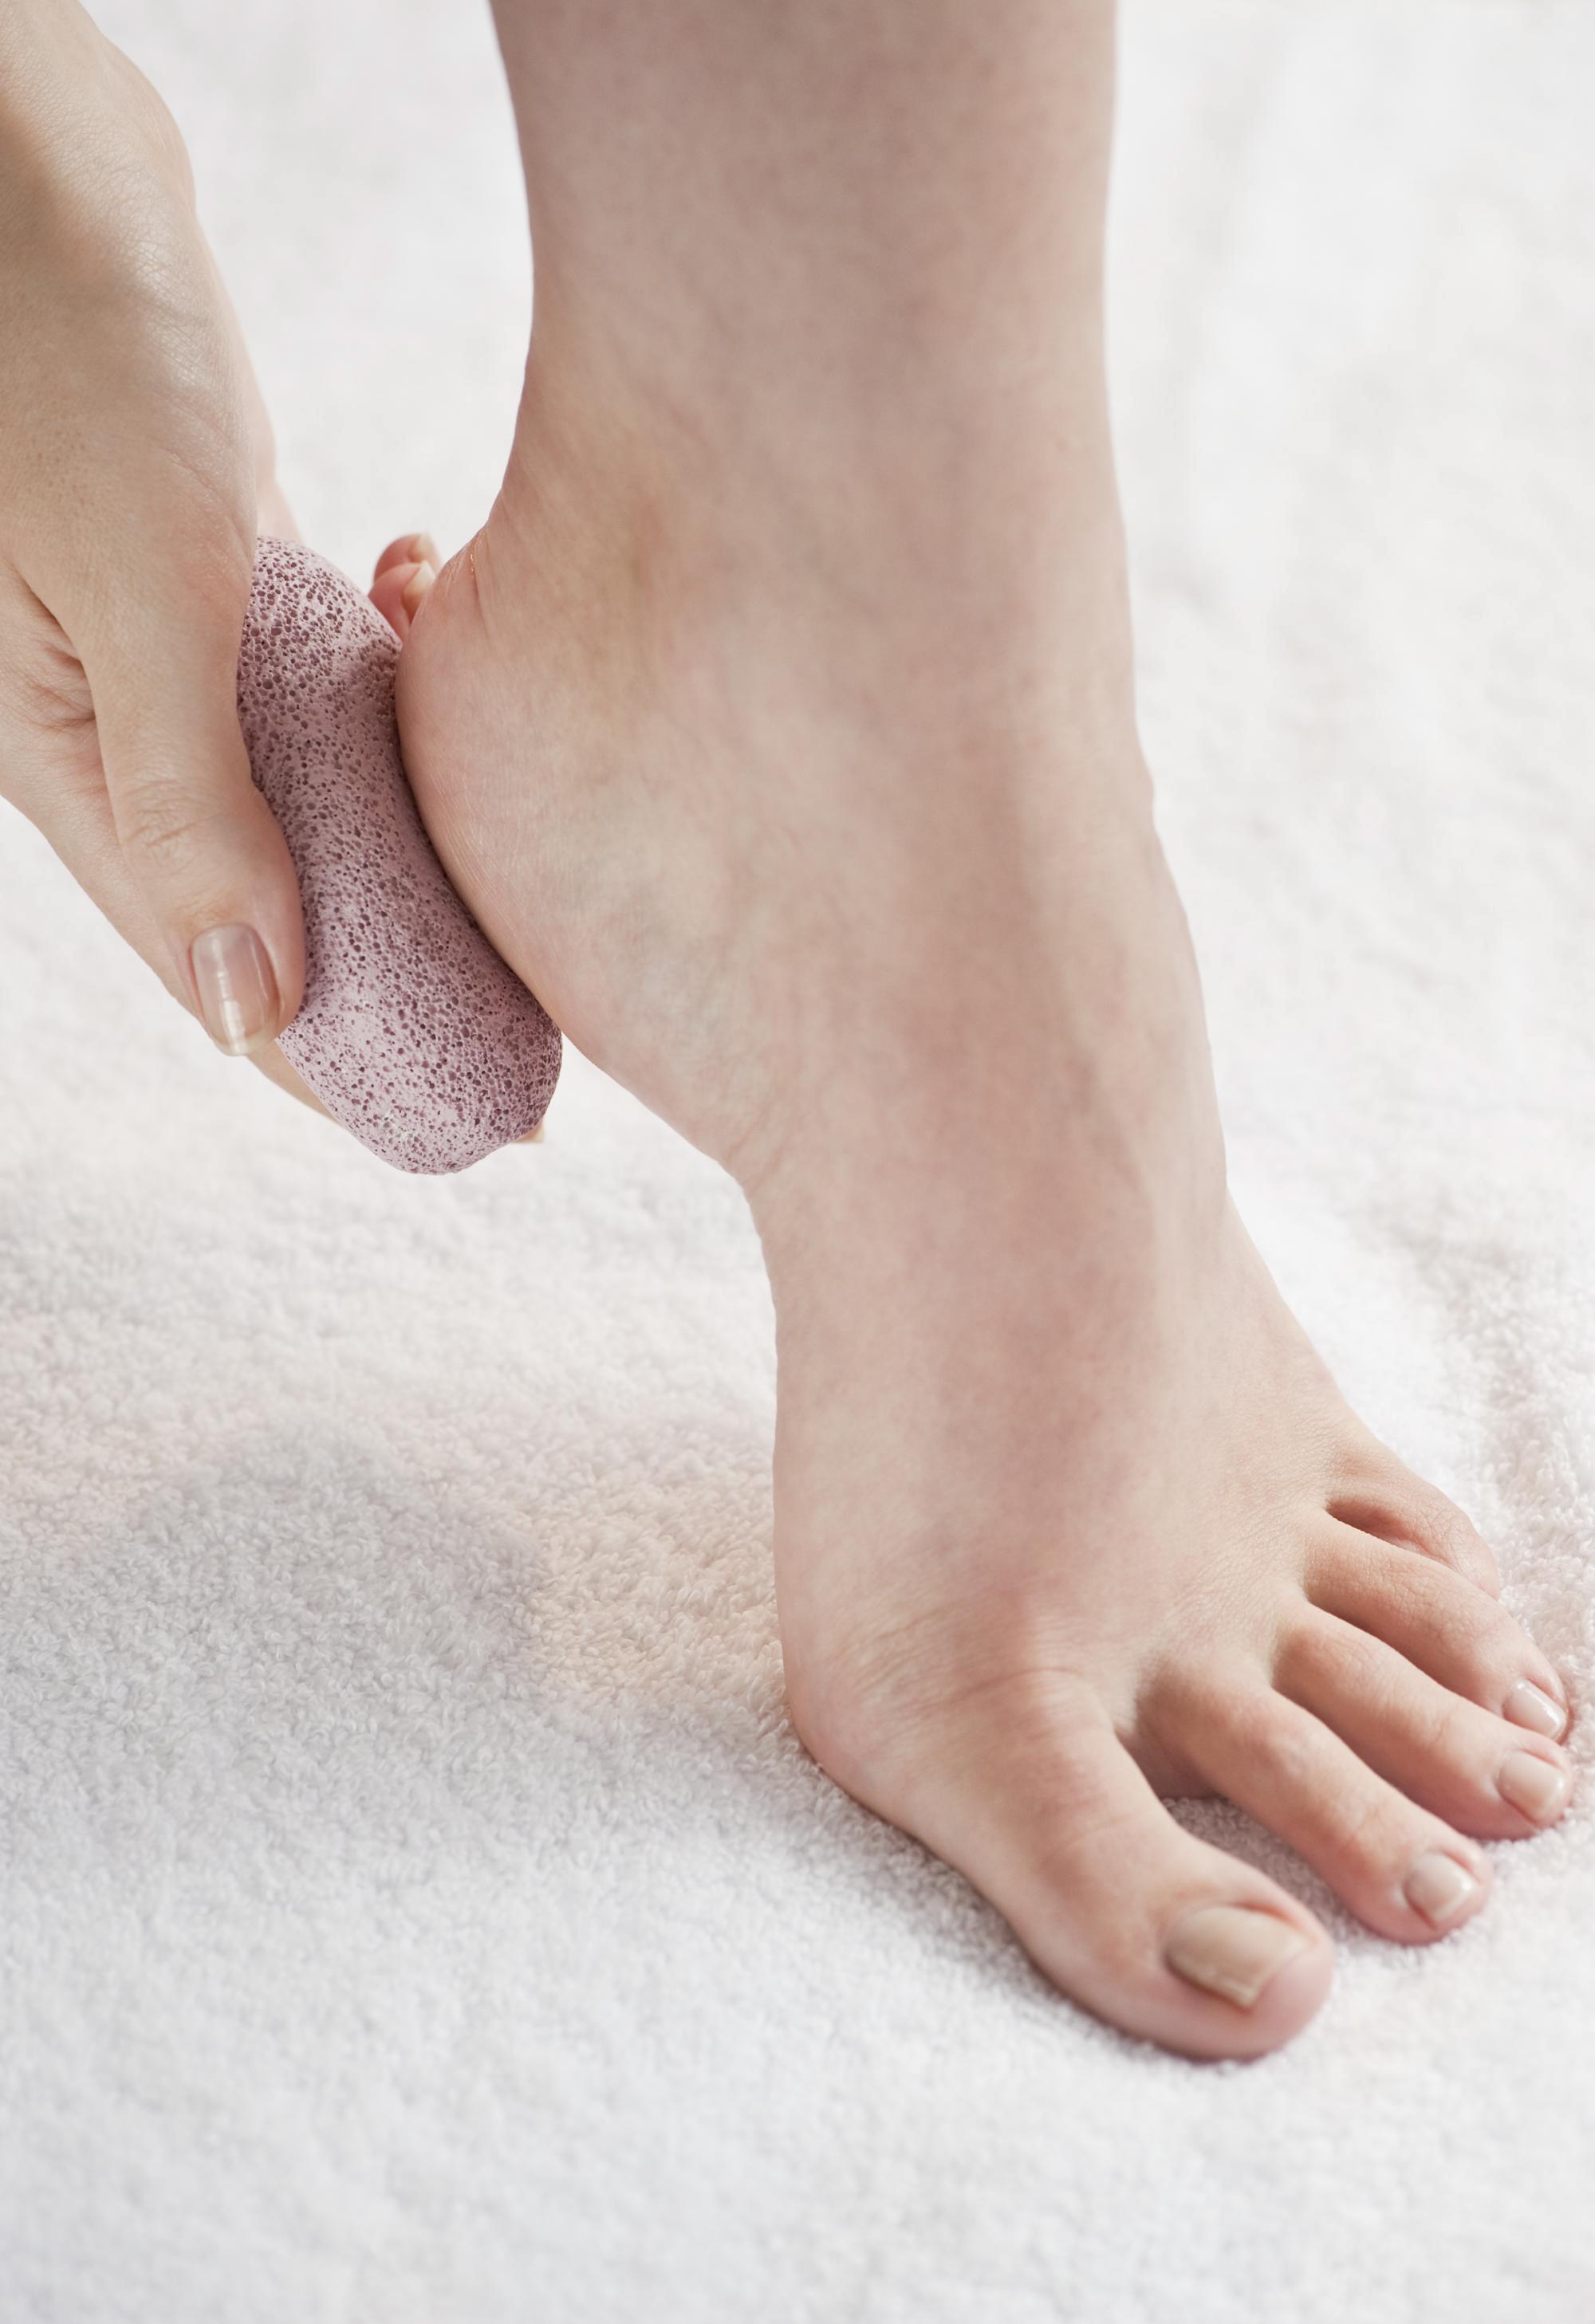 AshlyCovington-Feet-05